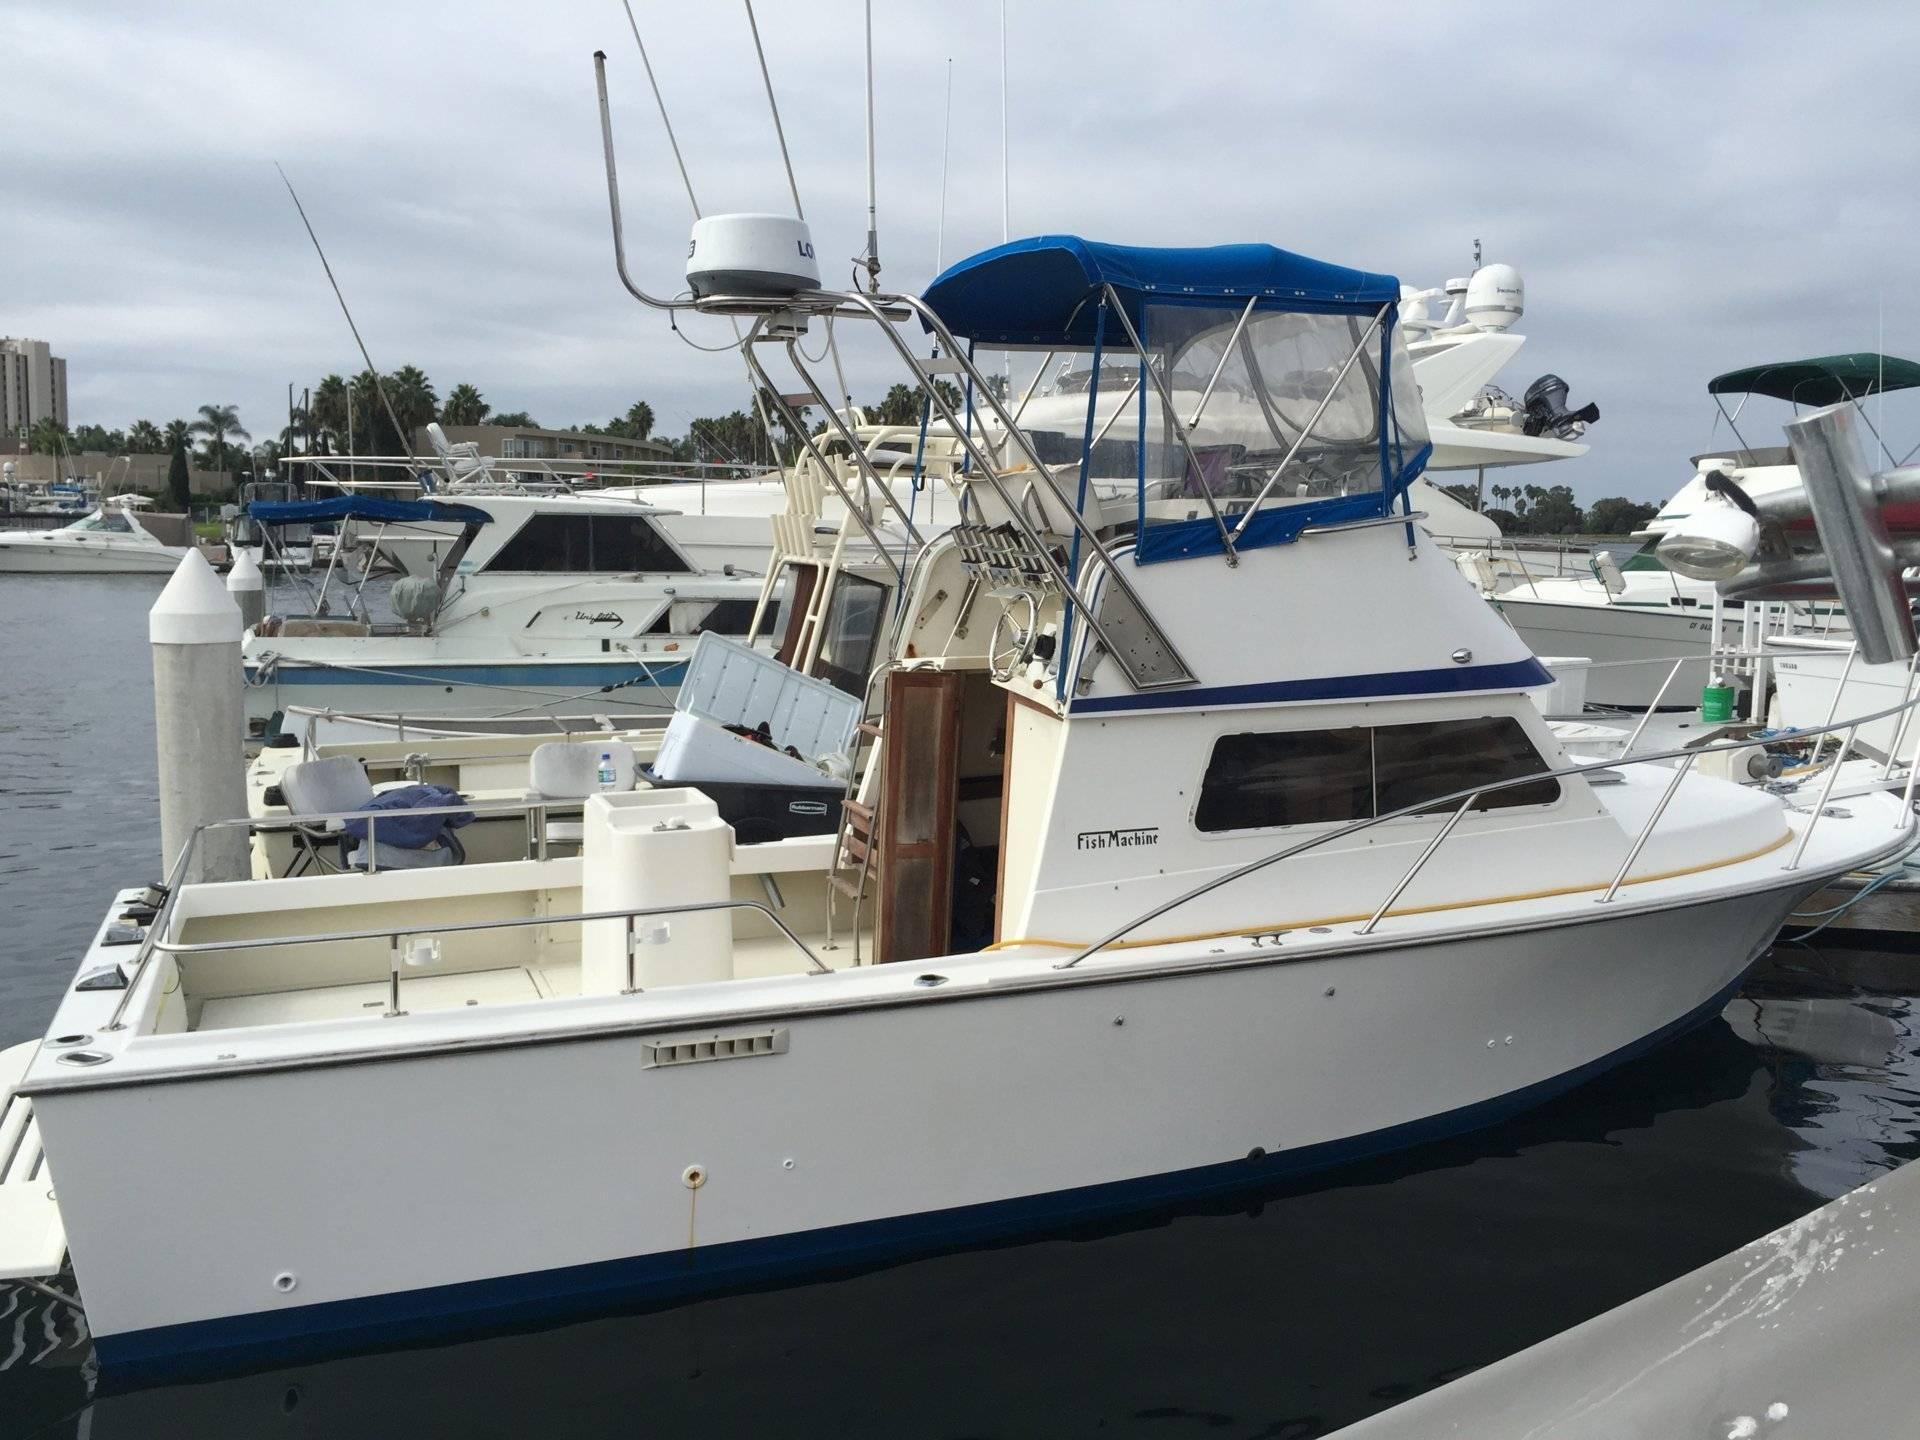 150 Gallon Fuel Tank For Sale >> Blackman 26 Billfisher Fish Machine $42,000 Mission Bay | Bloodydecks